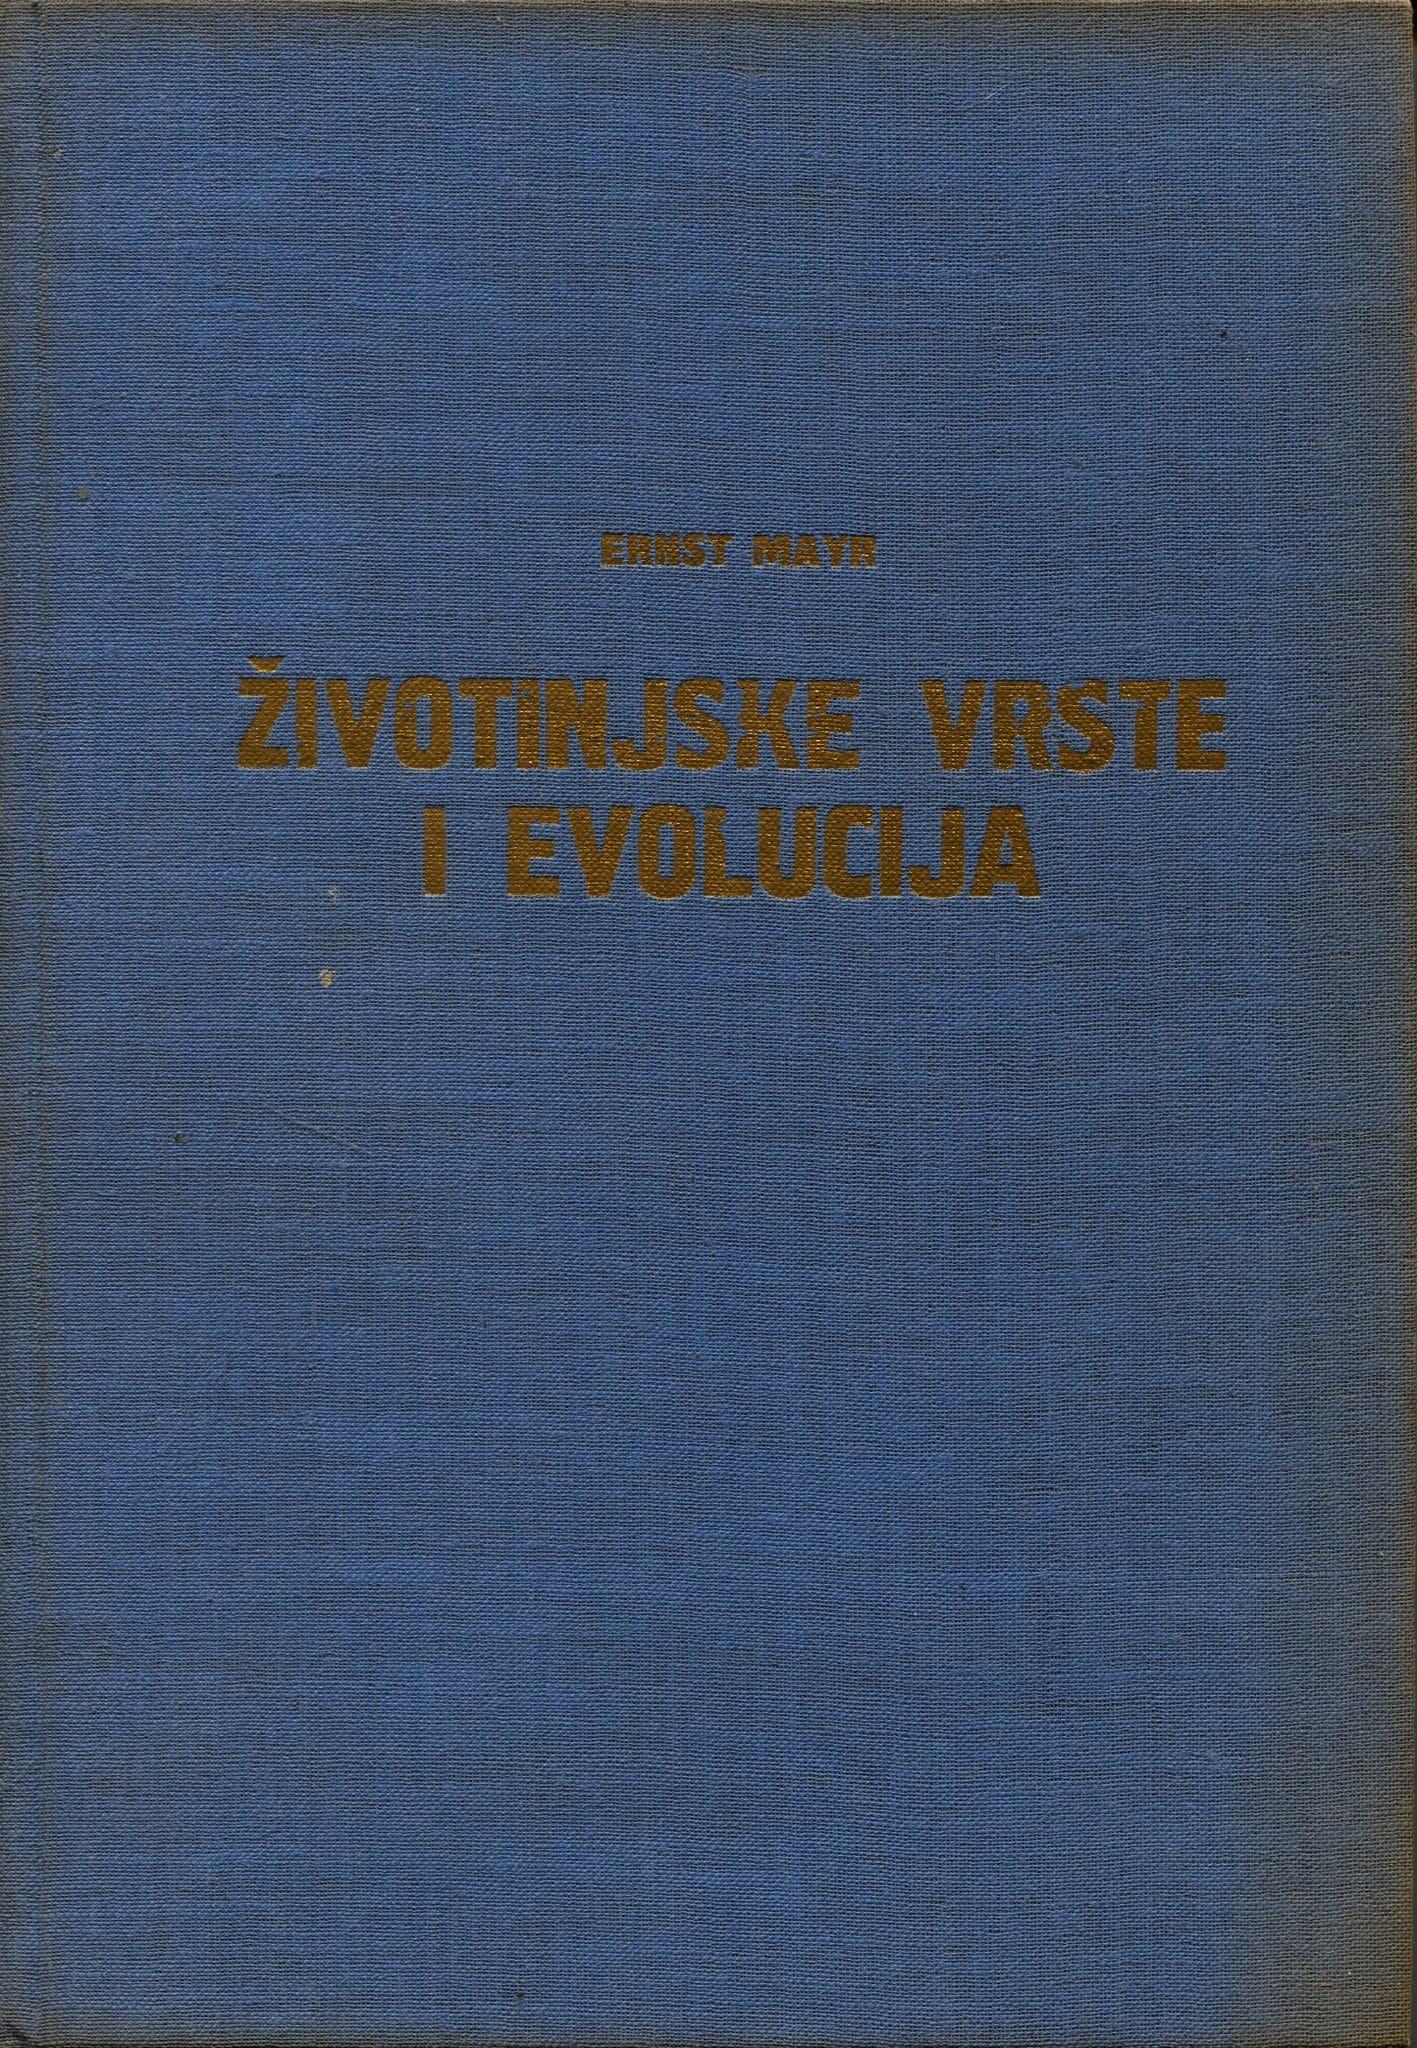 Ernst Mayr - Životinjske vrste i evolucija